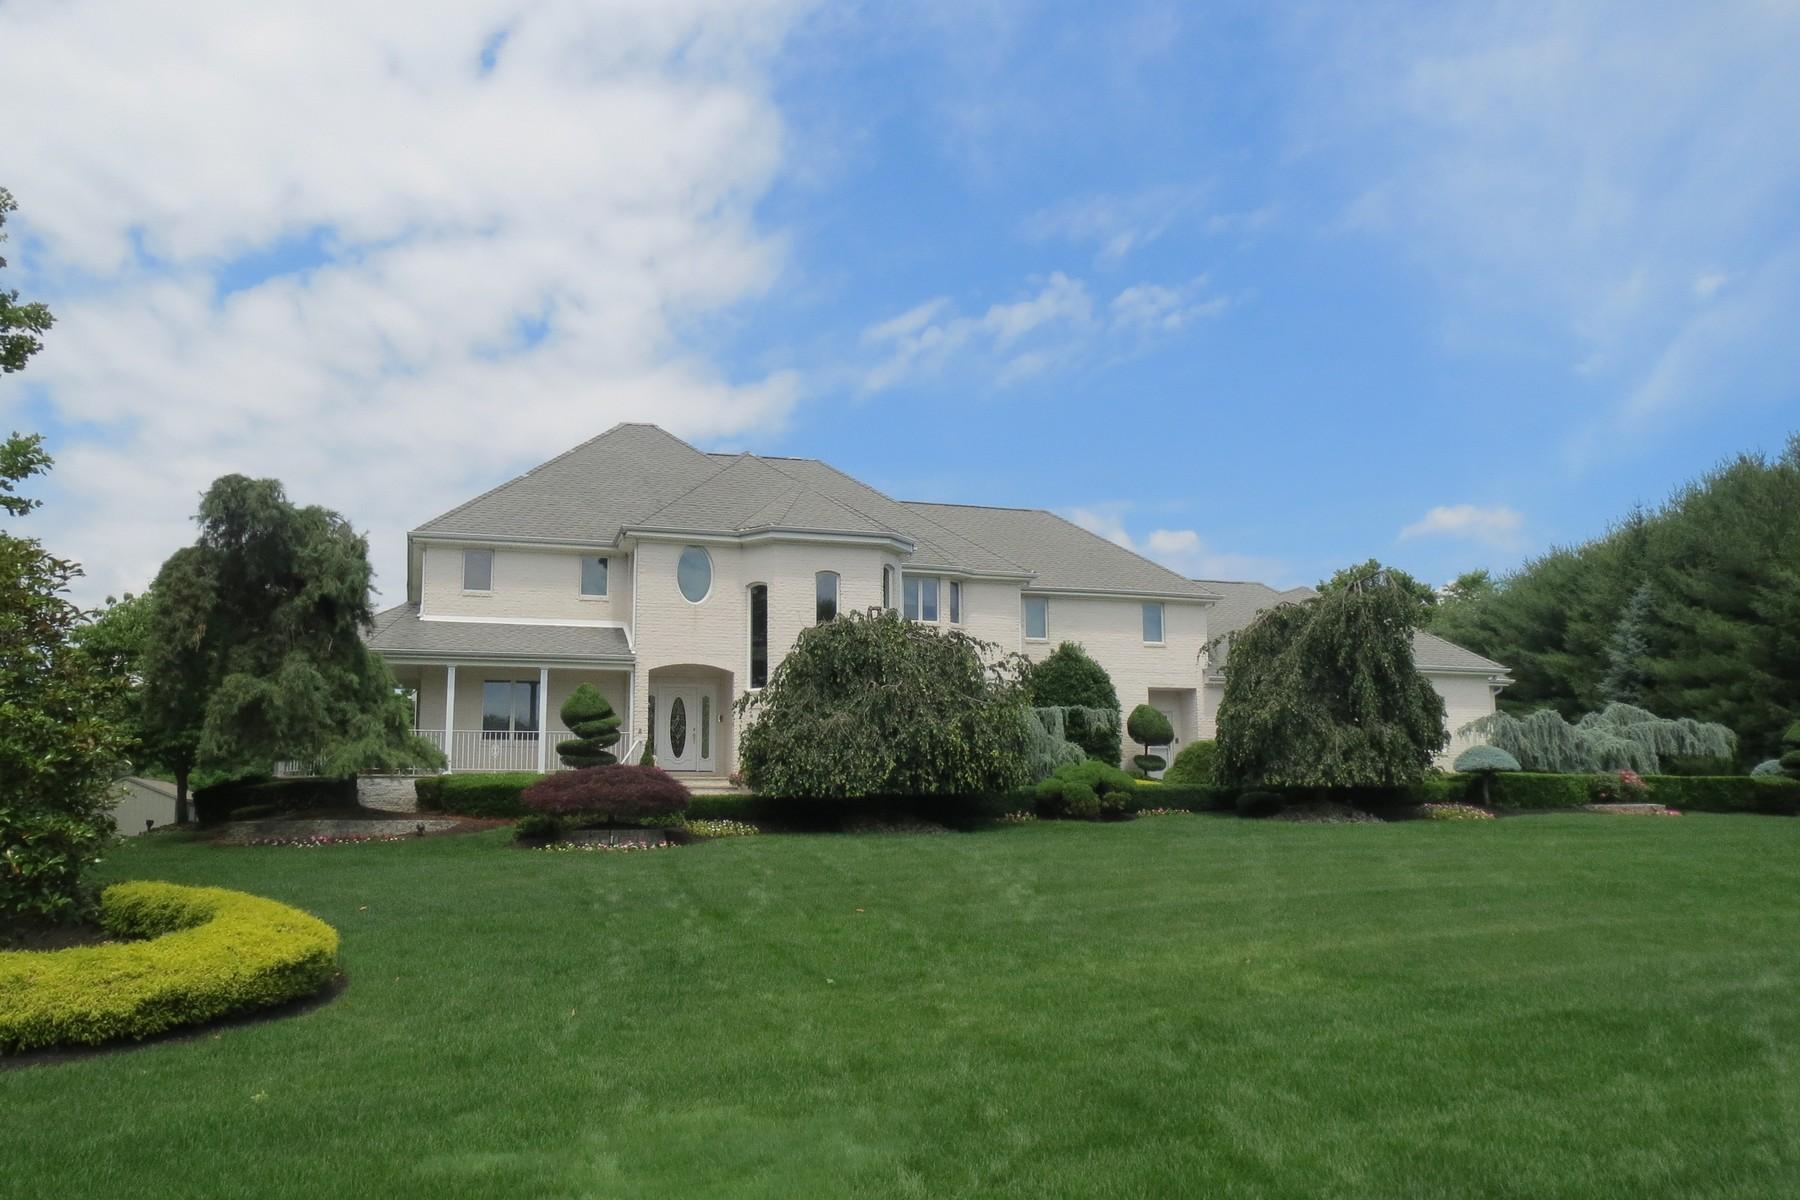 Maison unifamiliale pour l Vente à 48 Rivers Edge 48 Rivers Edge Drive Colts Neck, New Jersey 07722 États-Unis